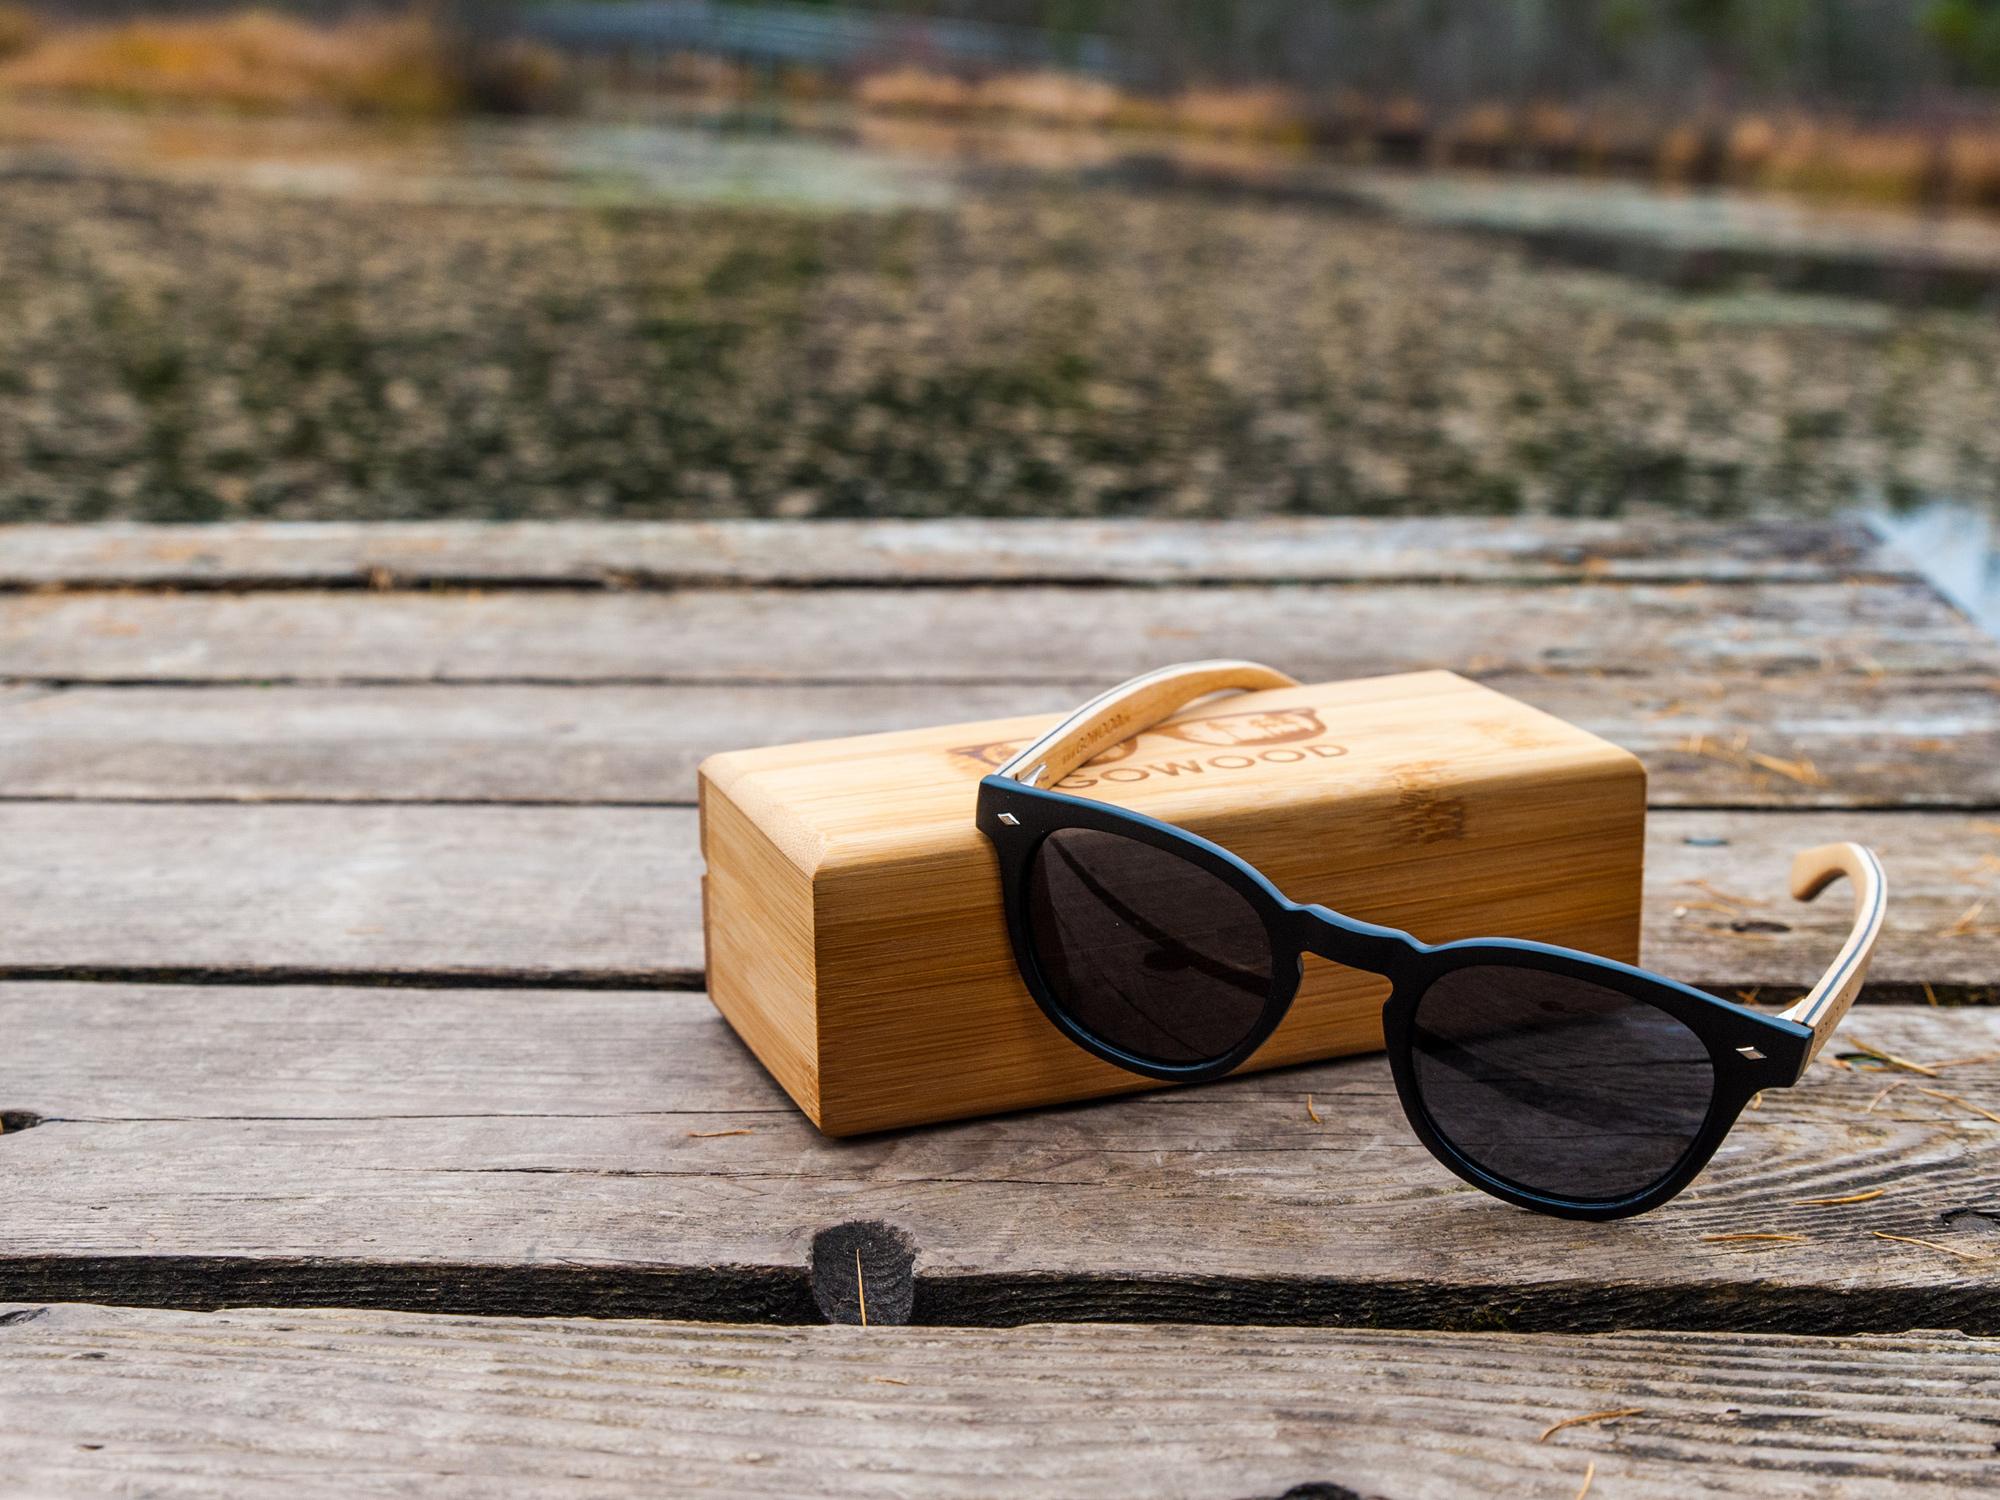 Lunettes de soleil rondes en bois d'érable